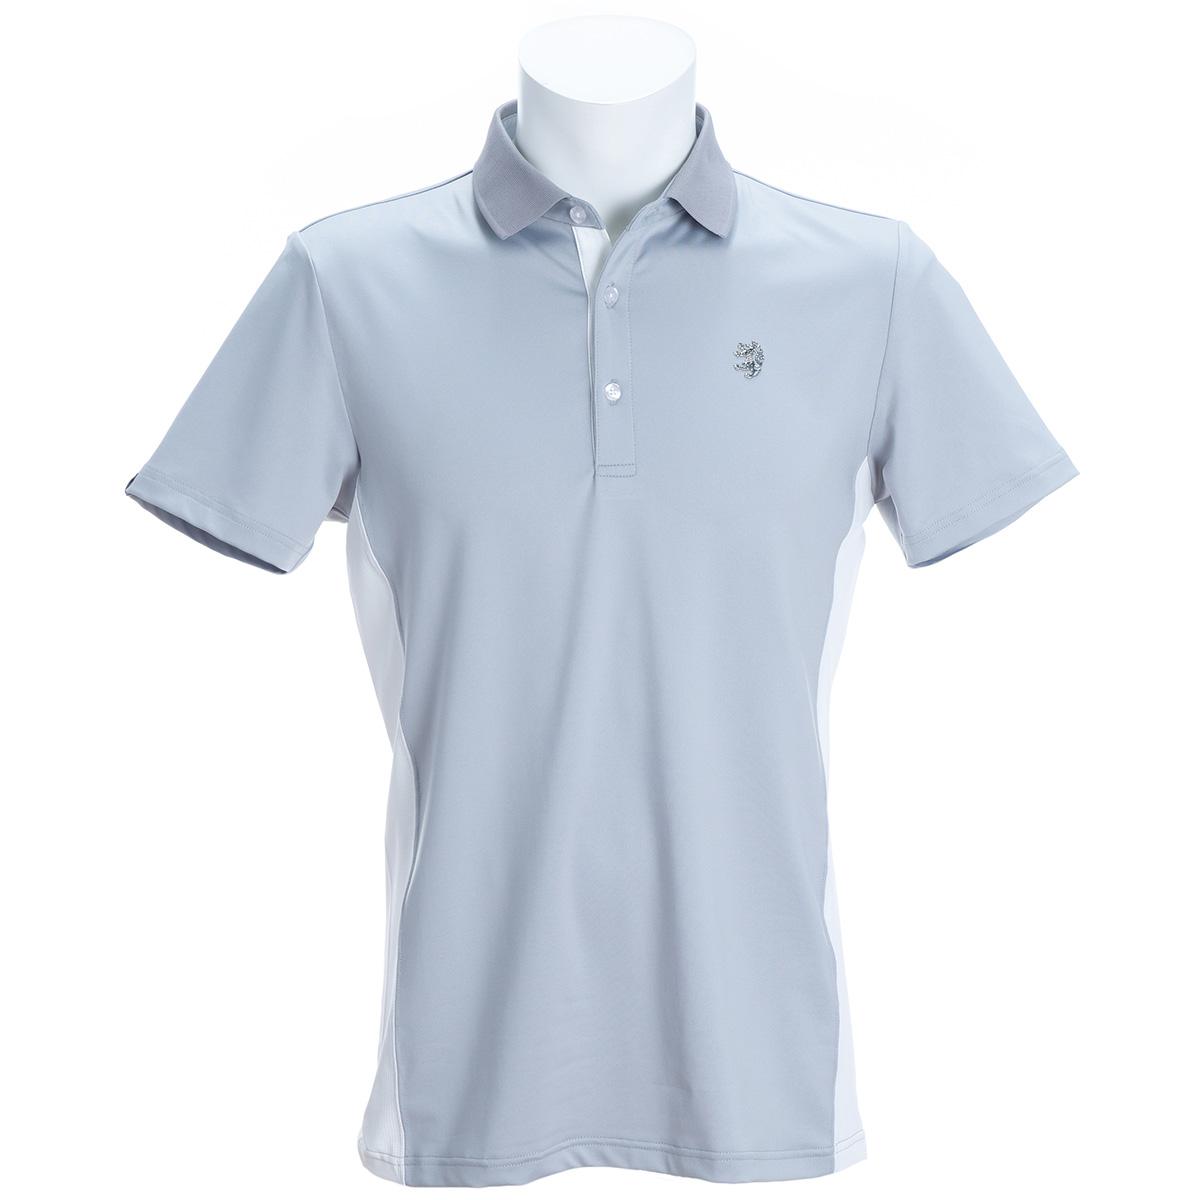 パフォーマンス ストレッチ半袖ポロシャツ